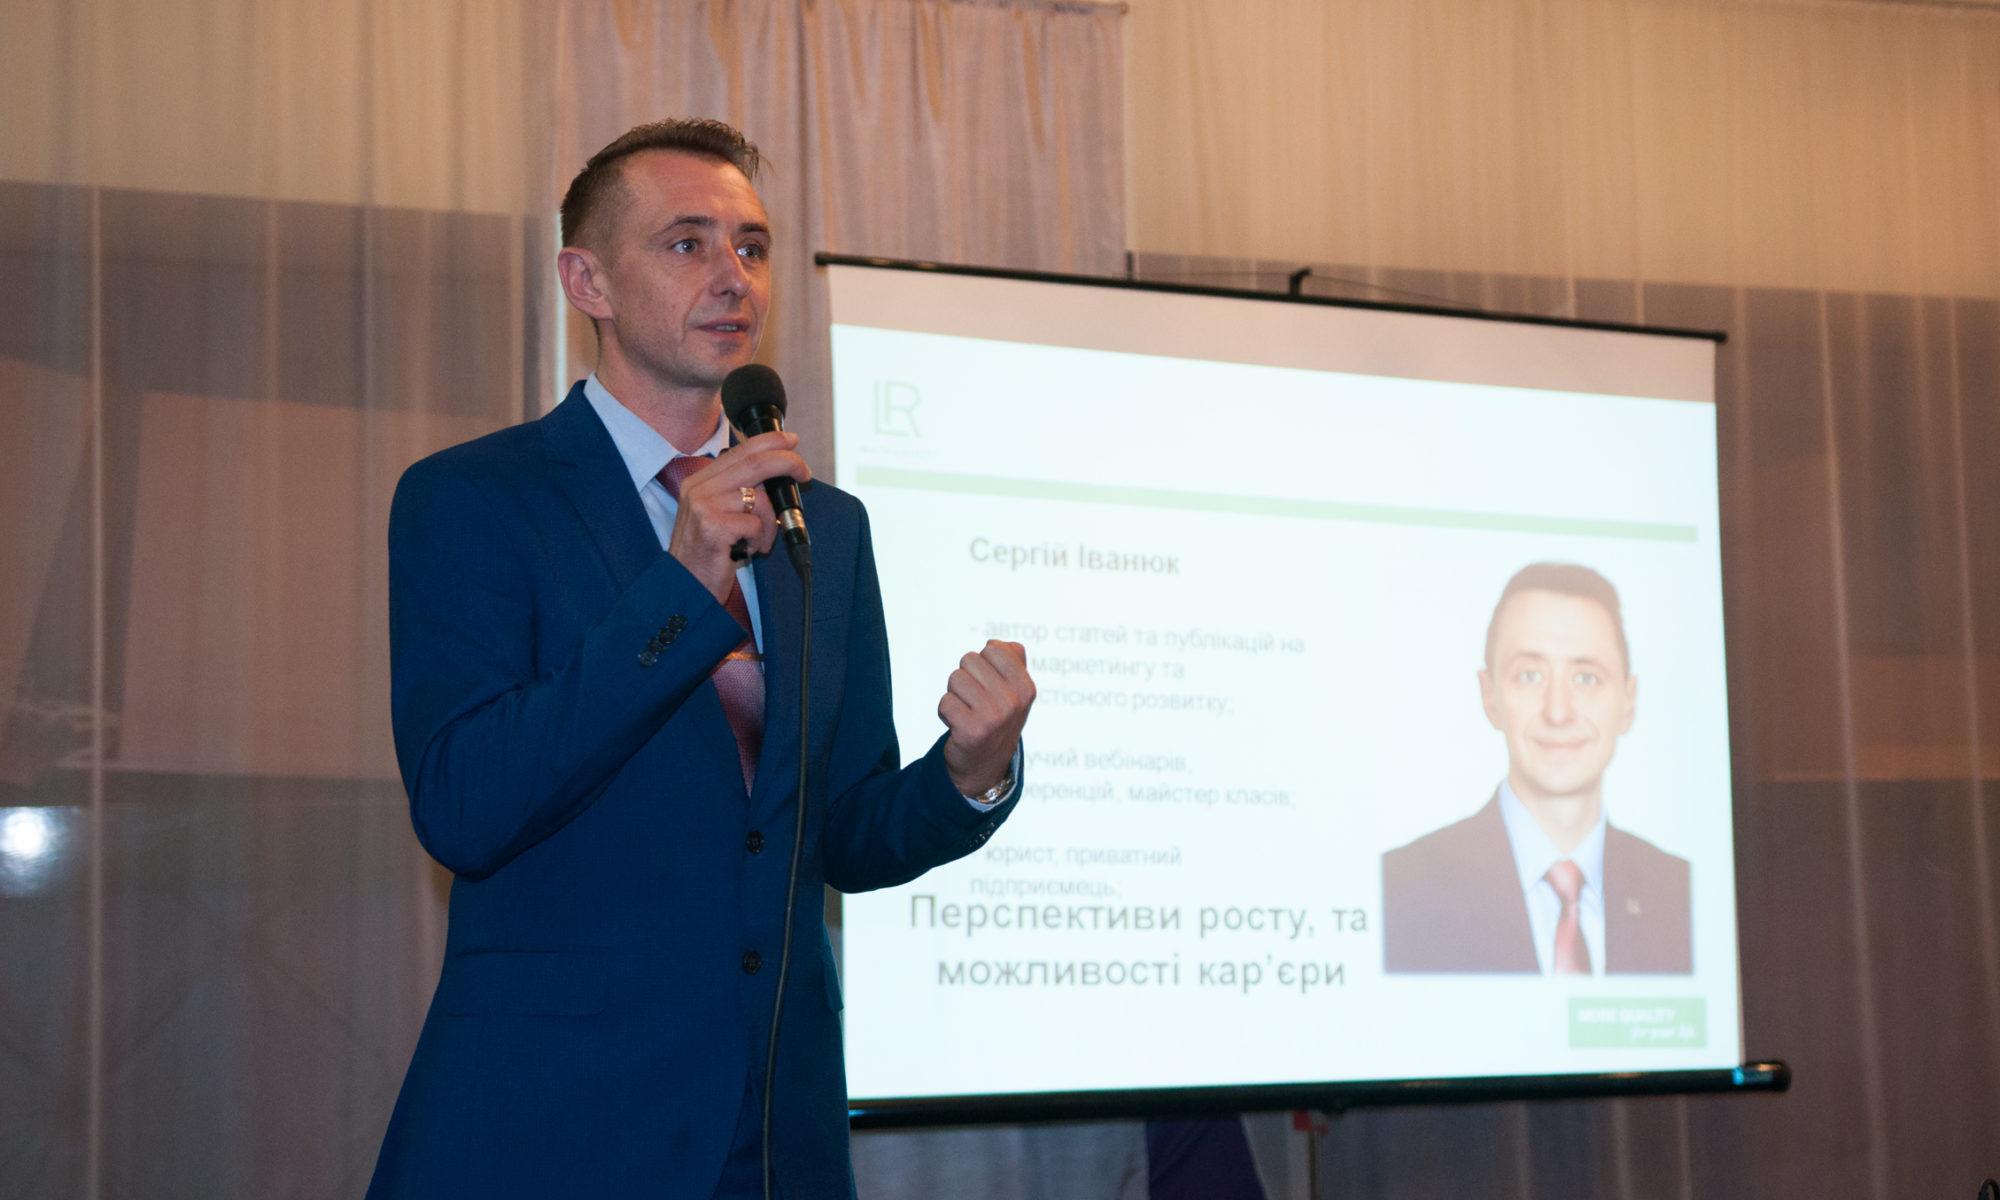 Сергій Іванюк